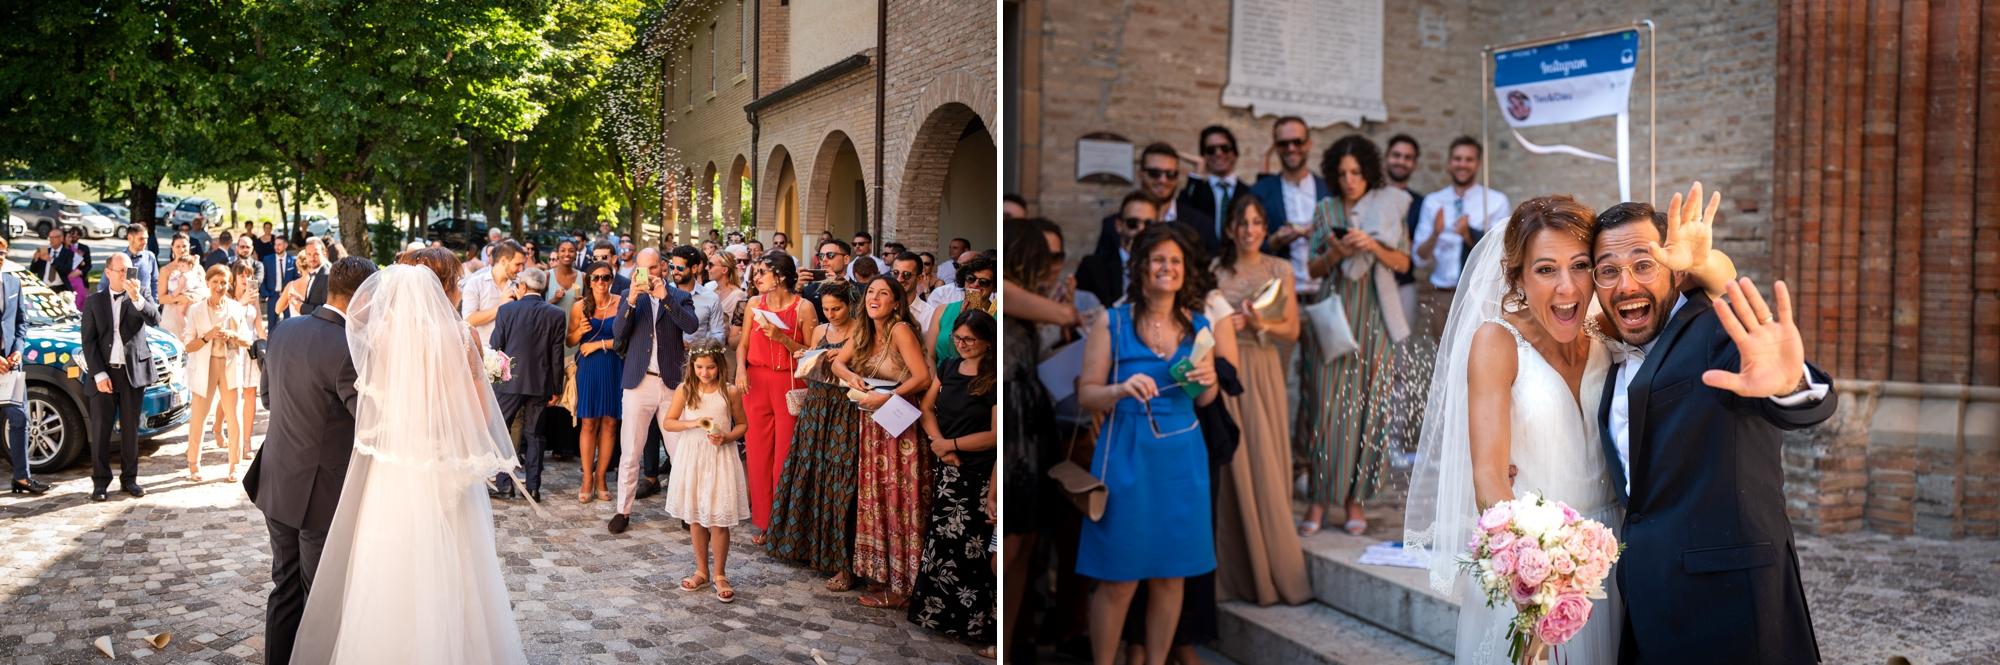 fotografo-matrimonio-rimini-riccione